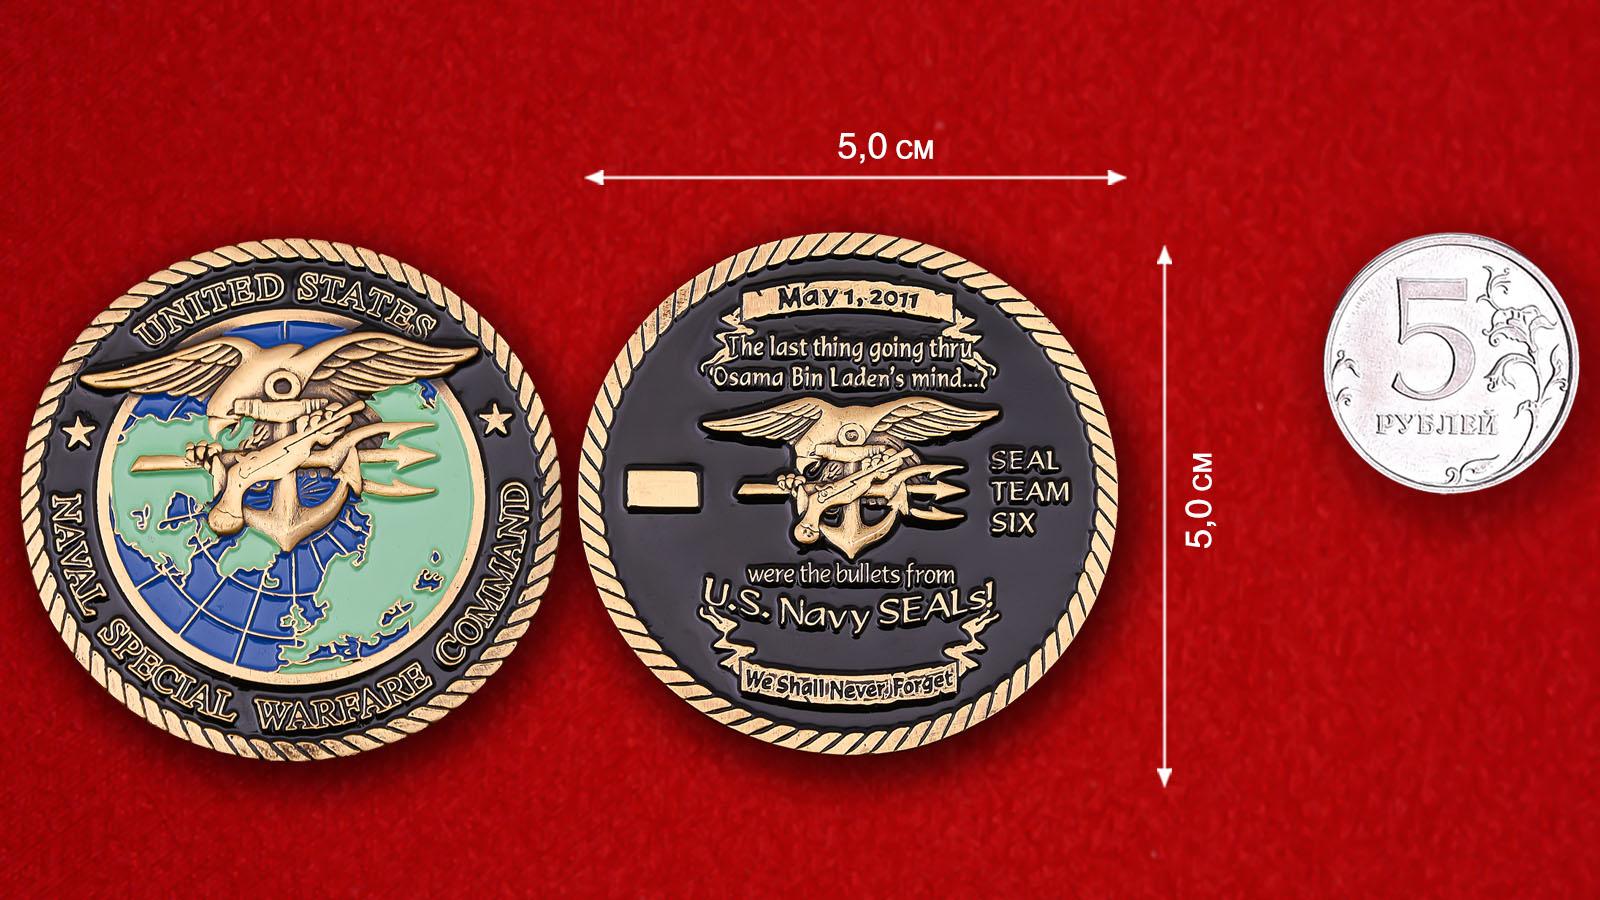 """Челлендж коин 6-го отряда Морских котиков Командования специальных операций США """"За уничтожение бен Ладена"""""""